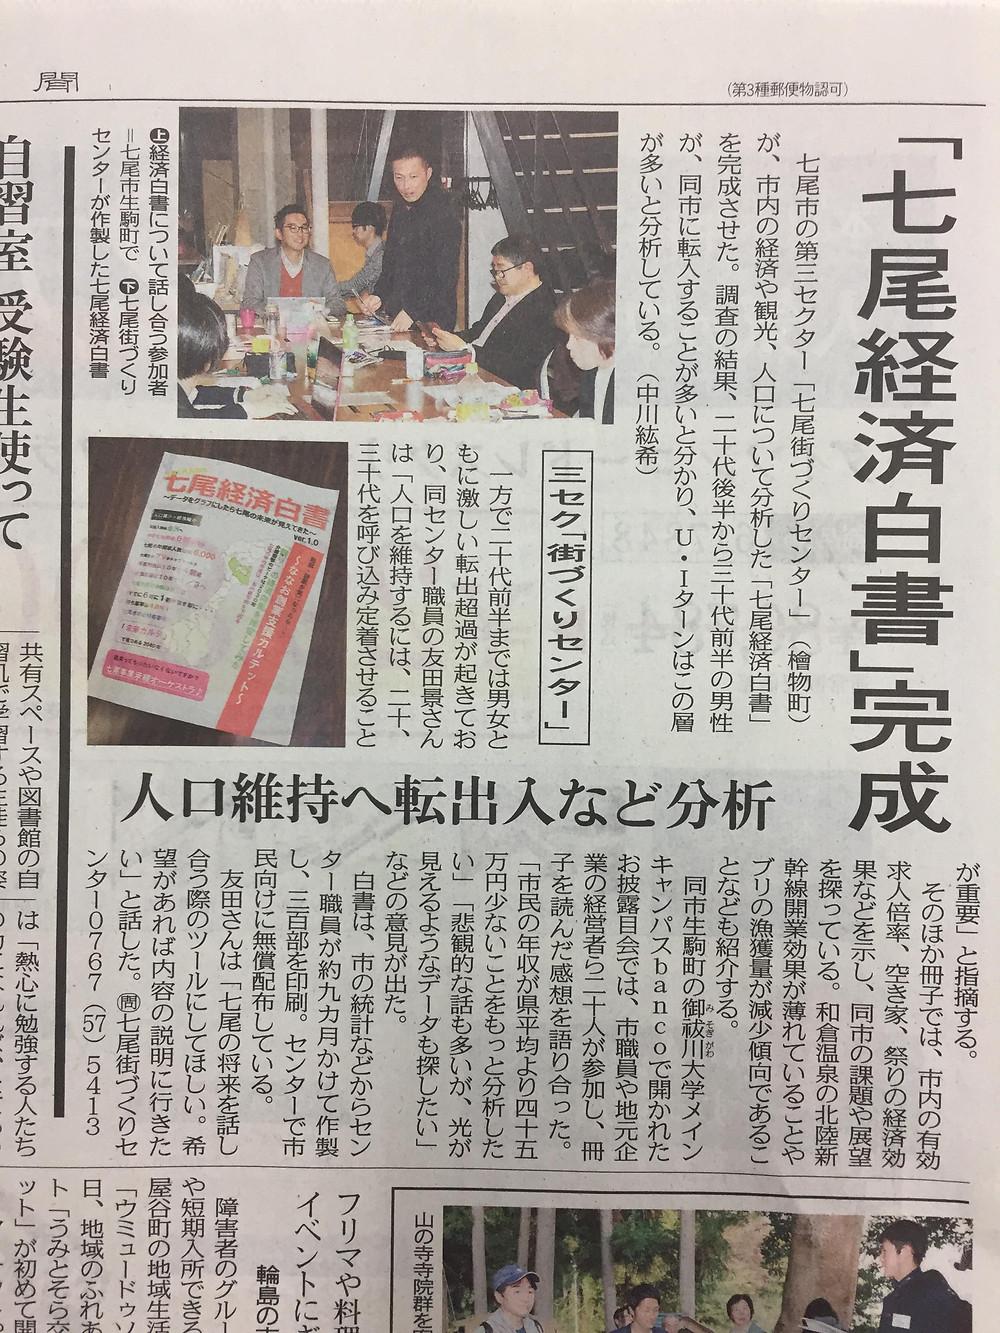 七尾経済白書_中日新聞掲載181202